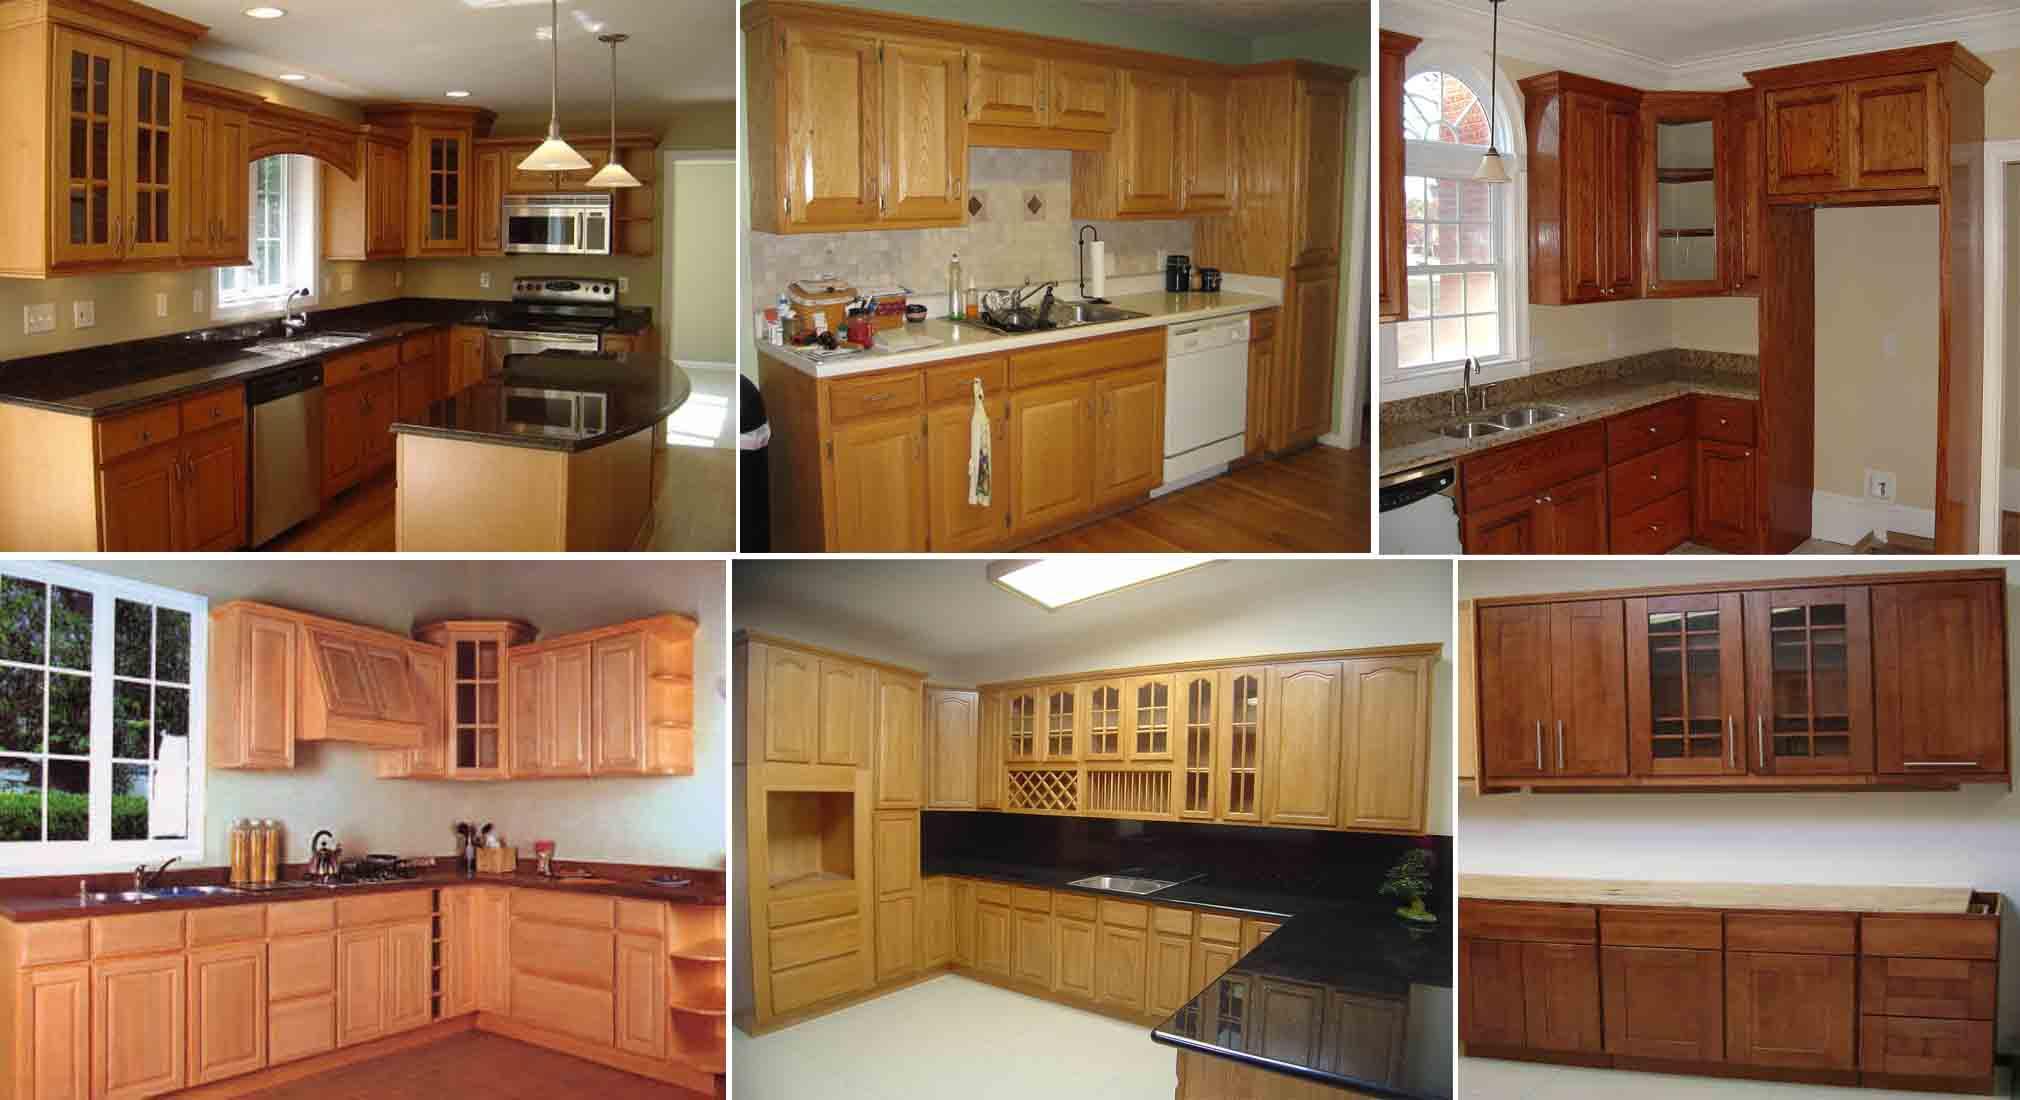 Aluminium kitchen cabinets in kottayam kitchen cabinets for Aluminium kitchen cabinets kerala